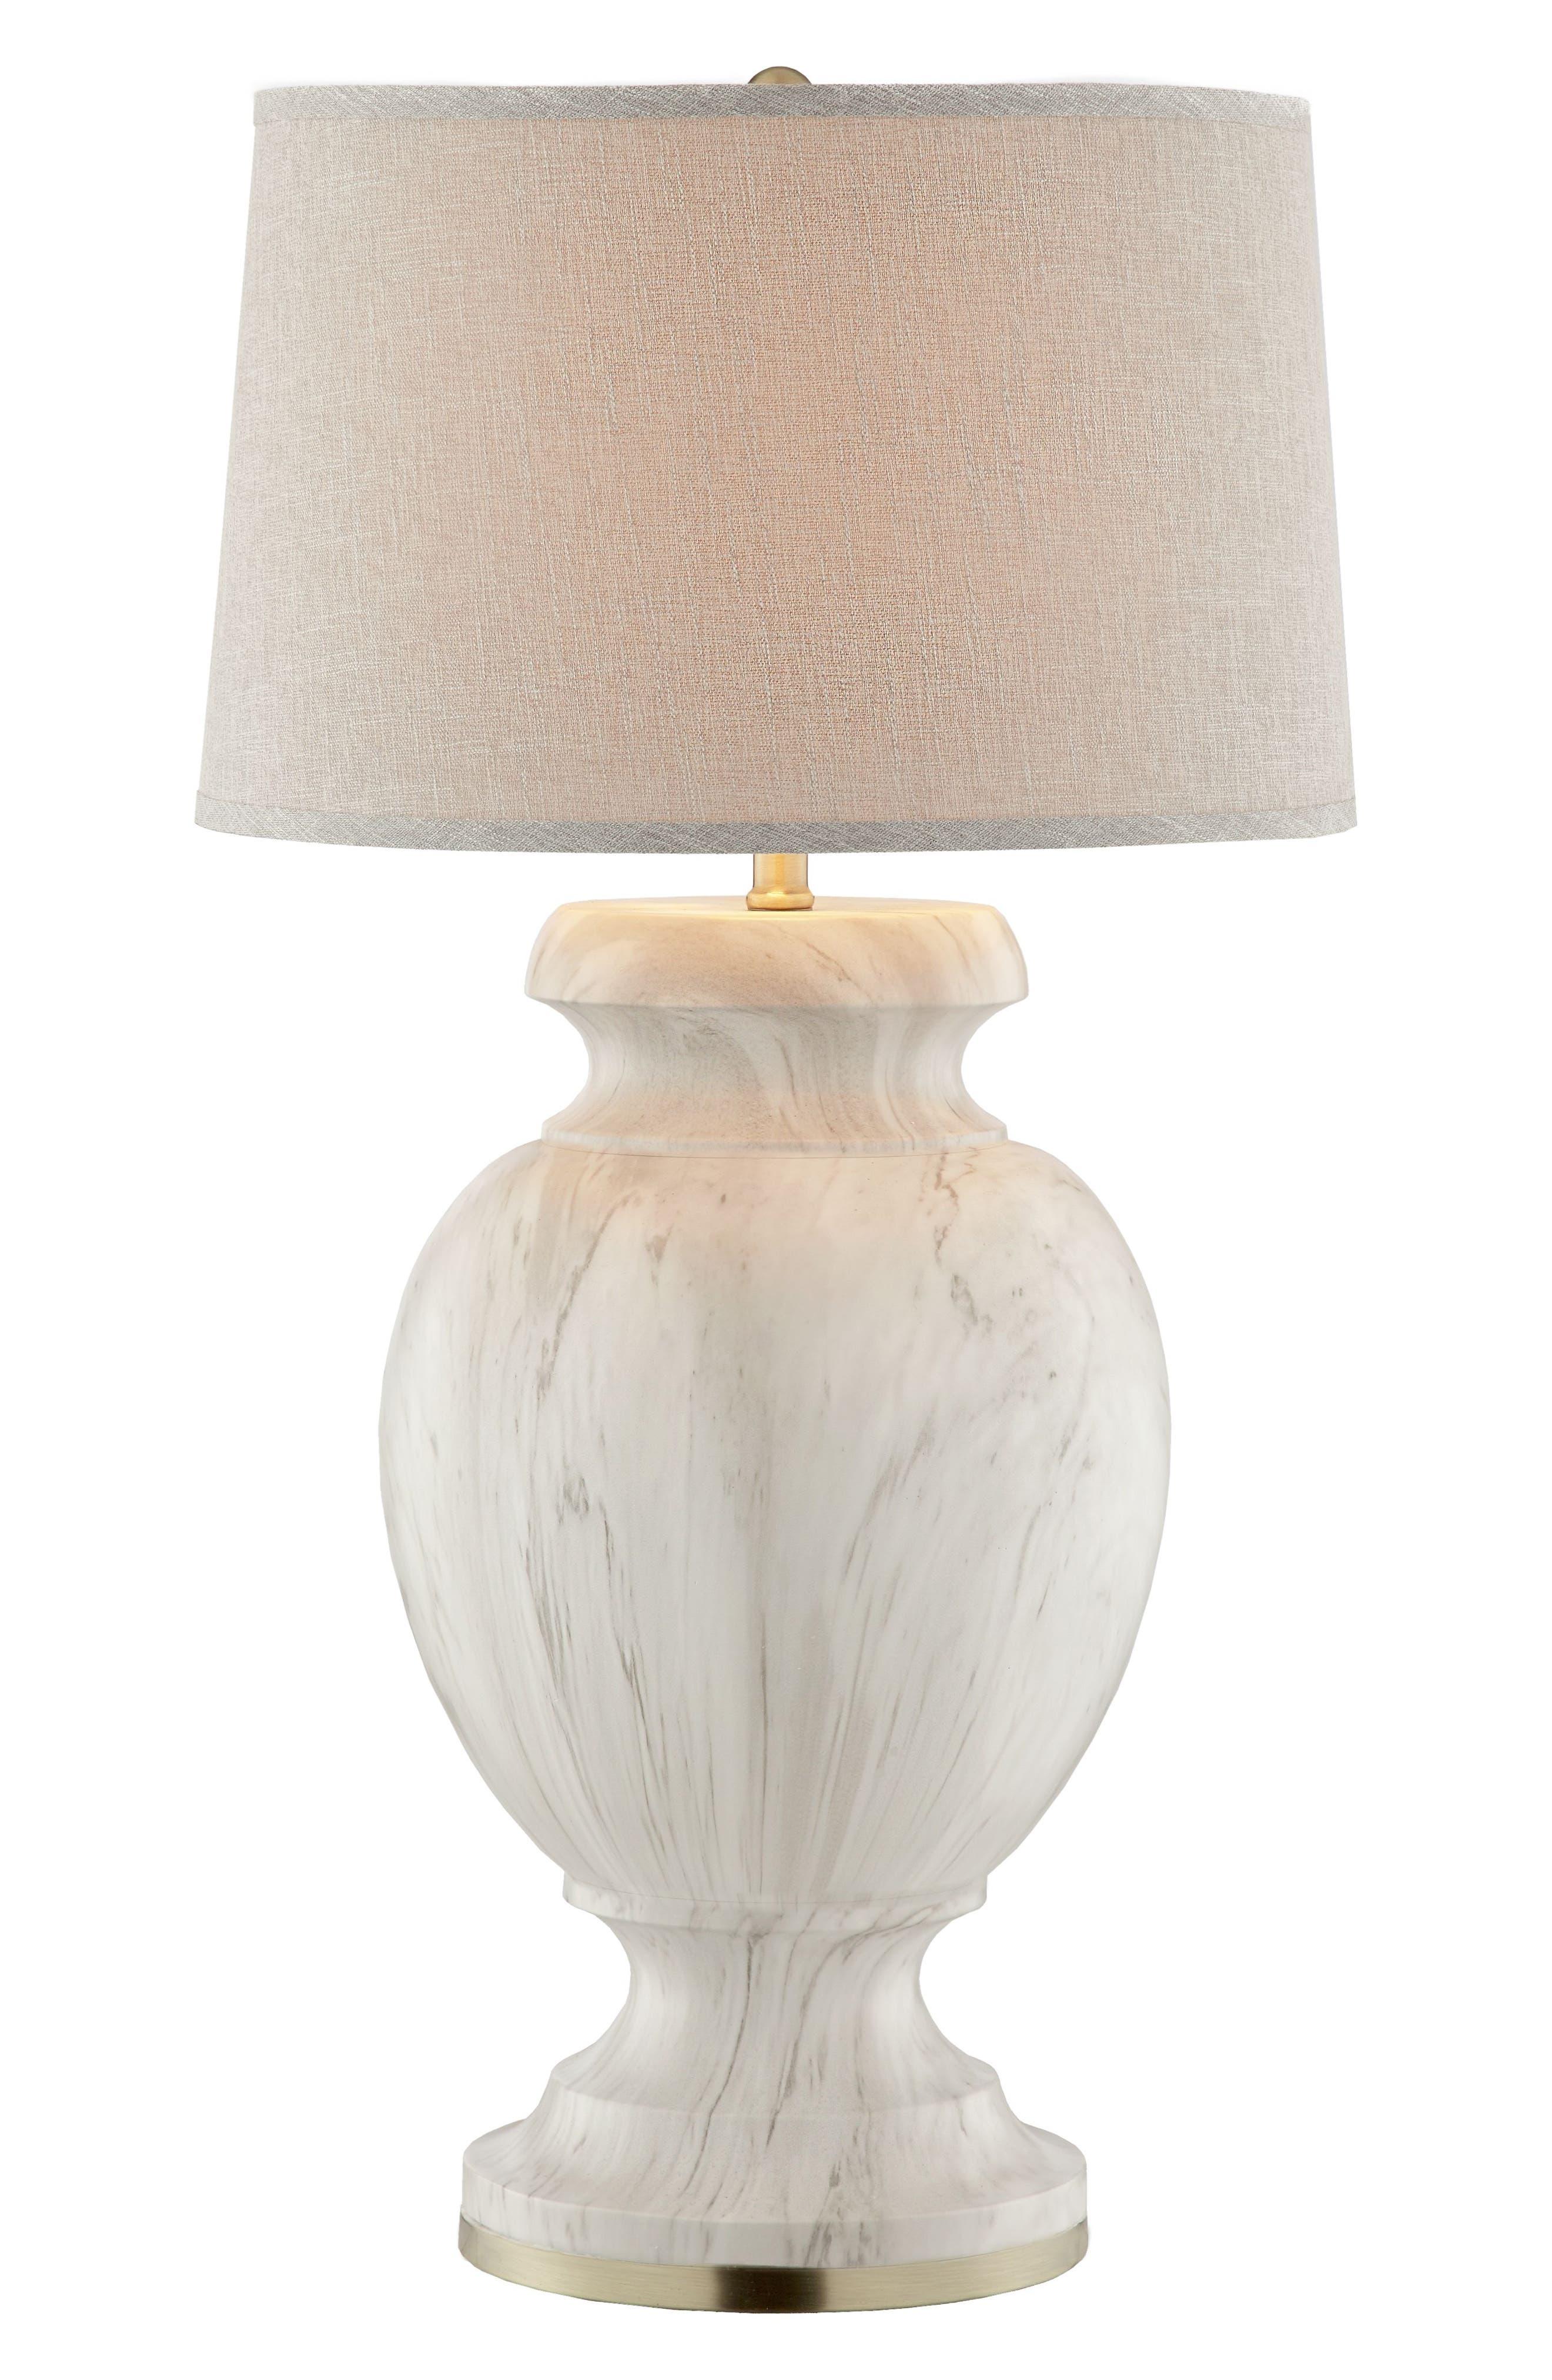 Main Image - JAlexander Miranda Table Lamp